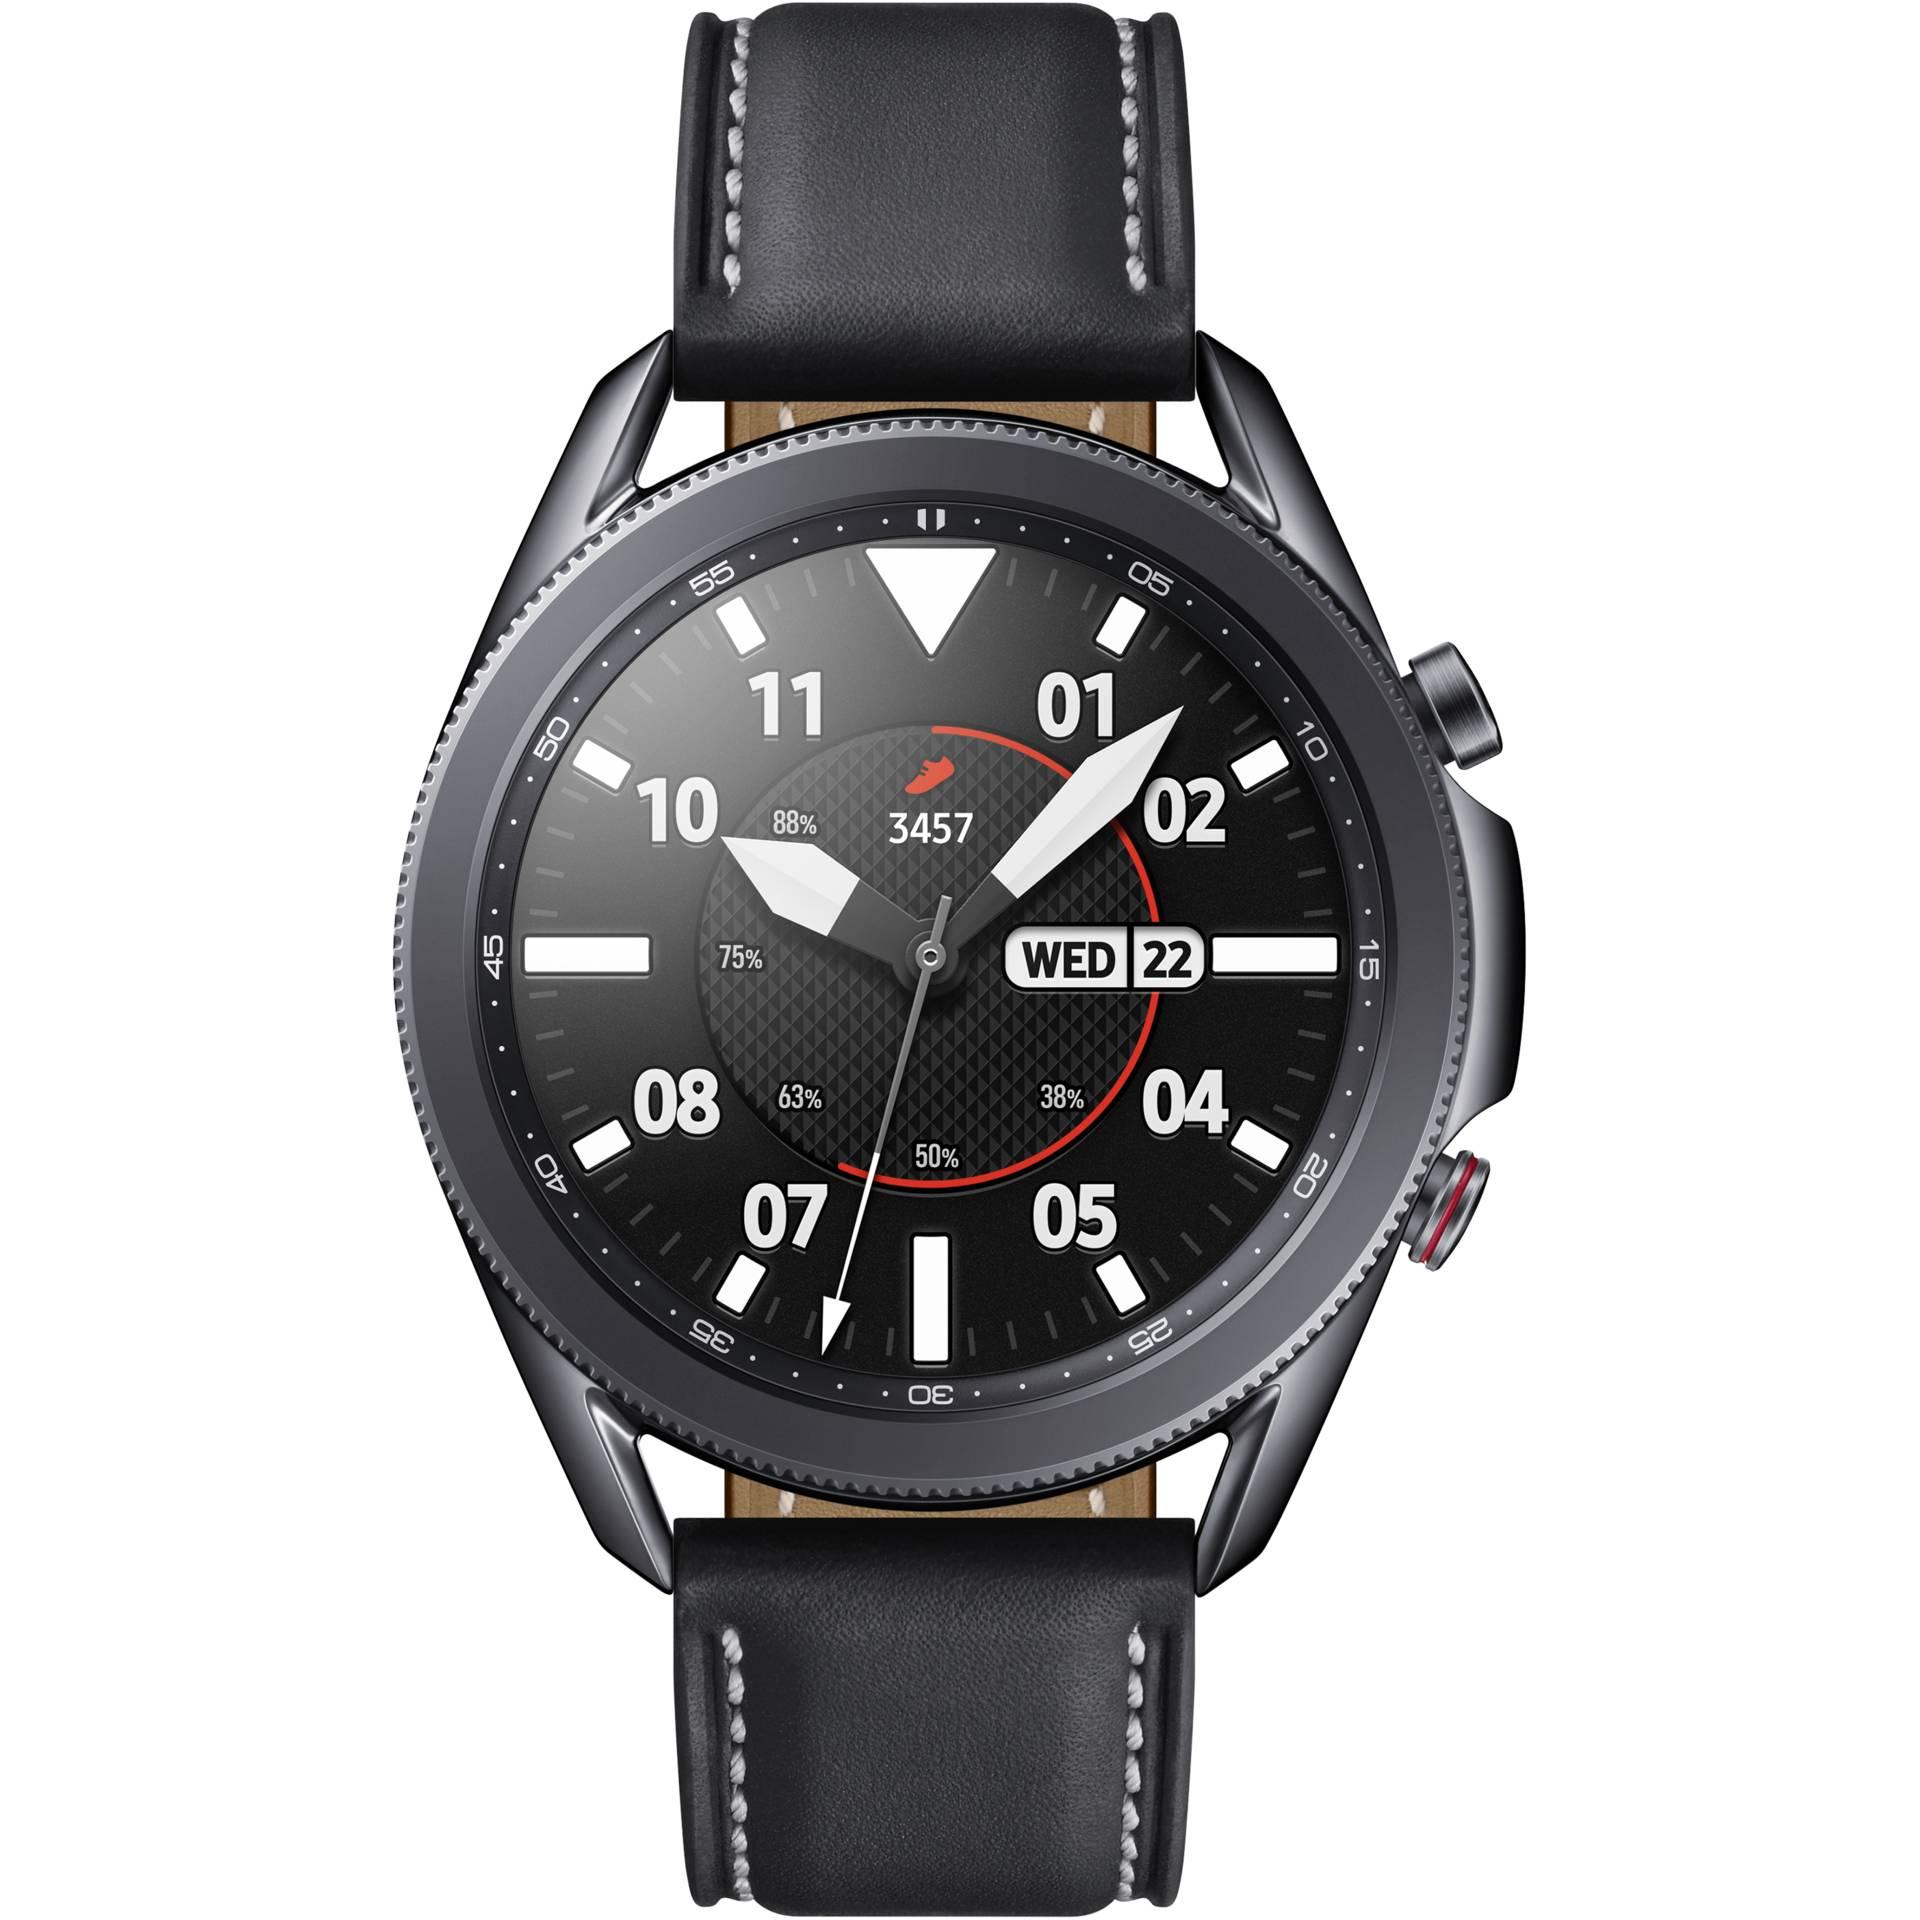 Samsung Galaxy Watch 3 LTE Mystic Black (45mm)